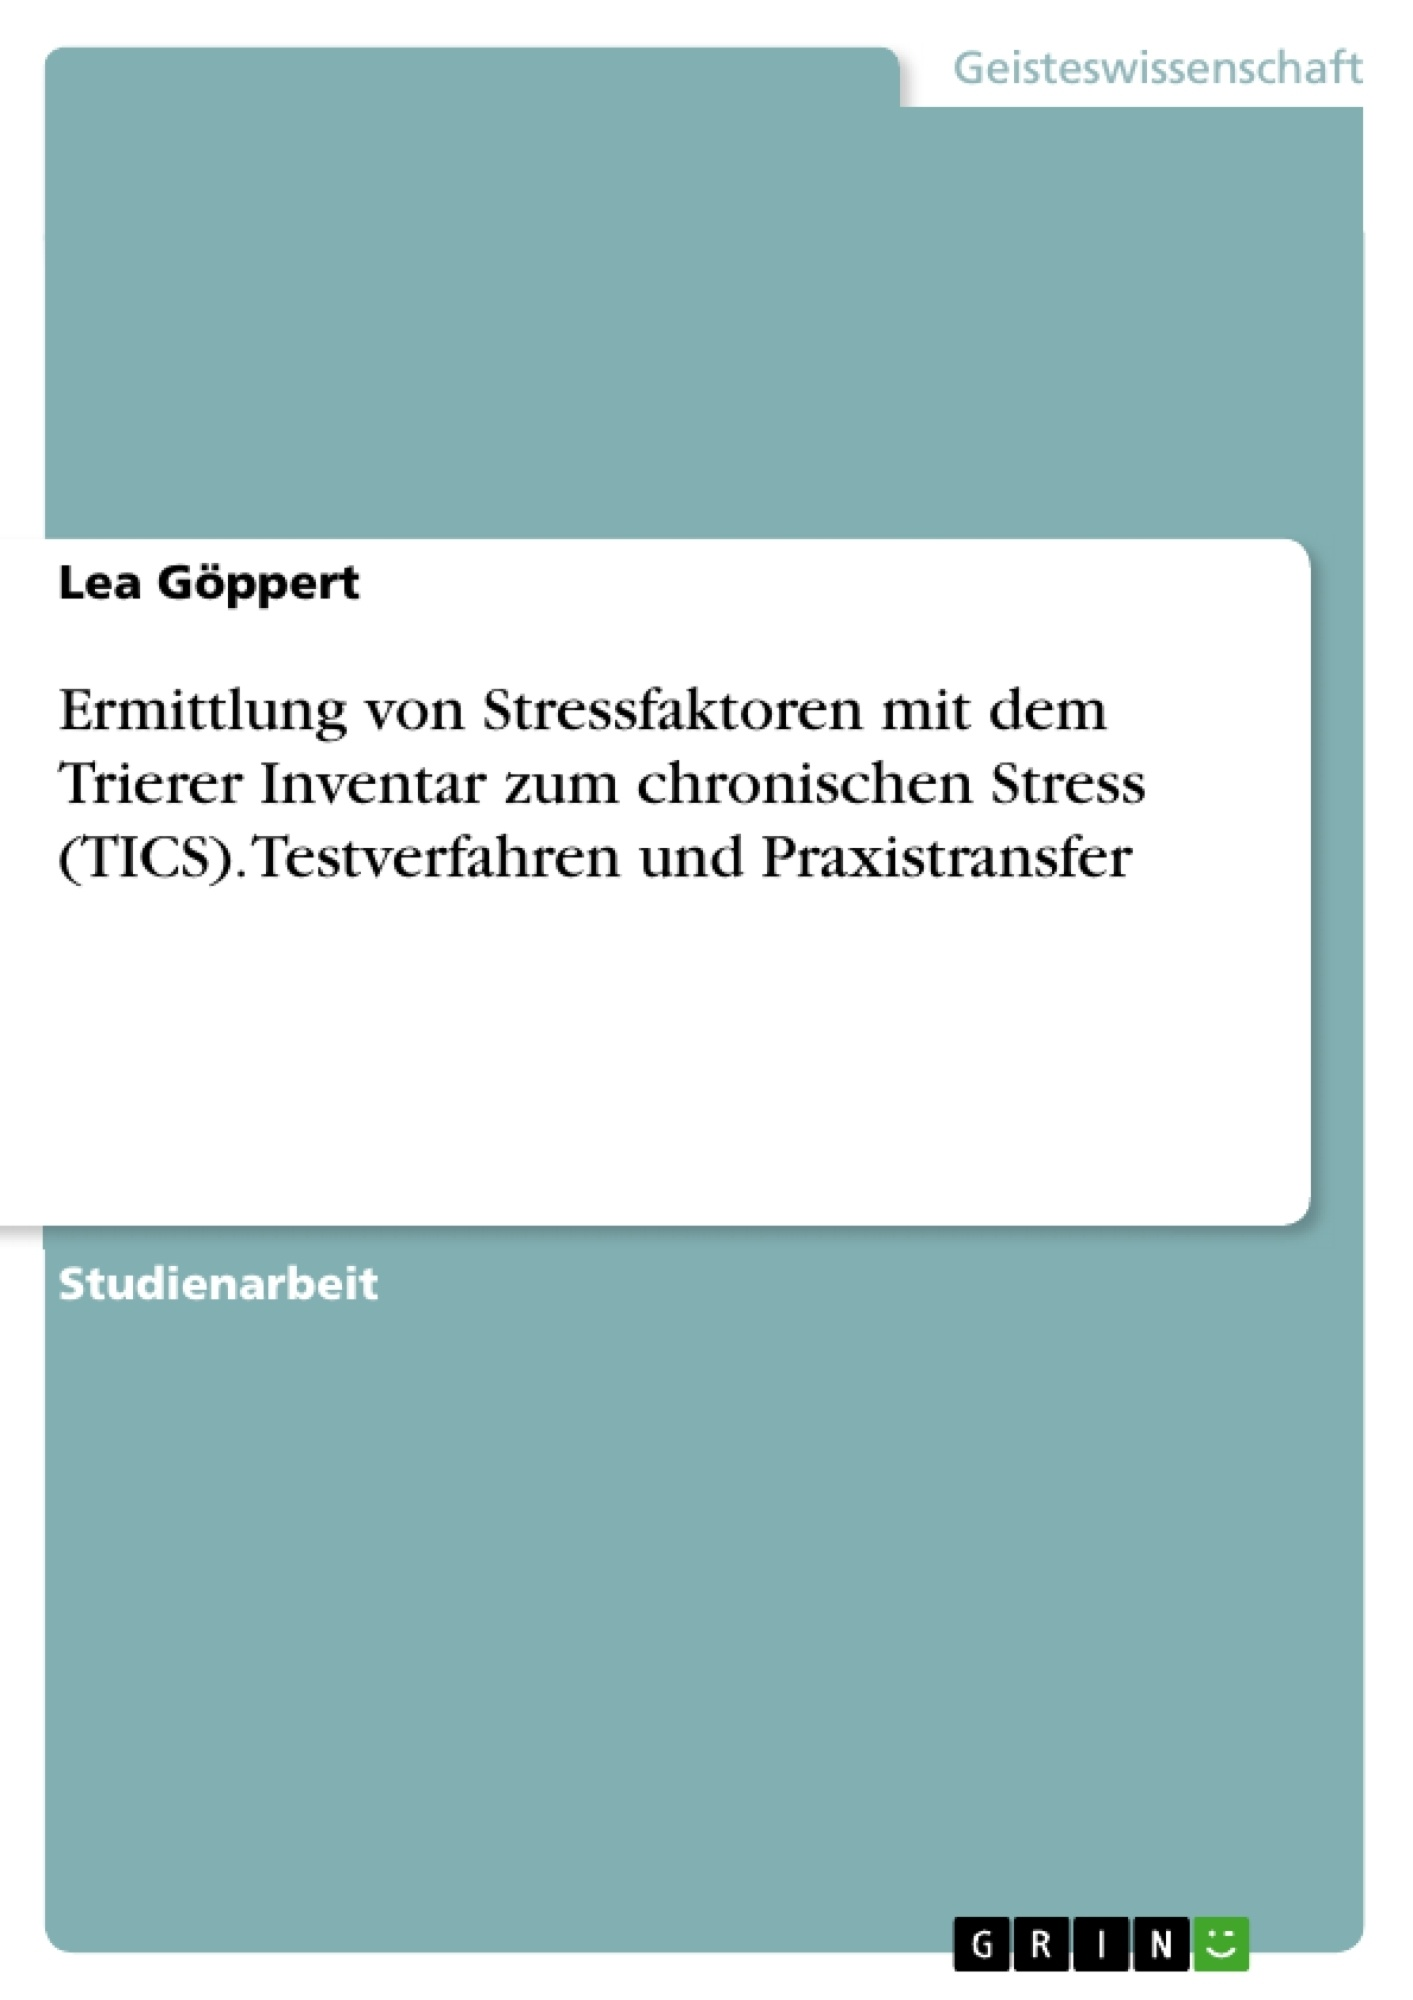 Titel: Ermittlung von Stressfaktoren mit dem Trierer Inventar zum chronischen Stress (TICS). Testverfahren und Praxistransfer